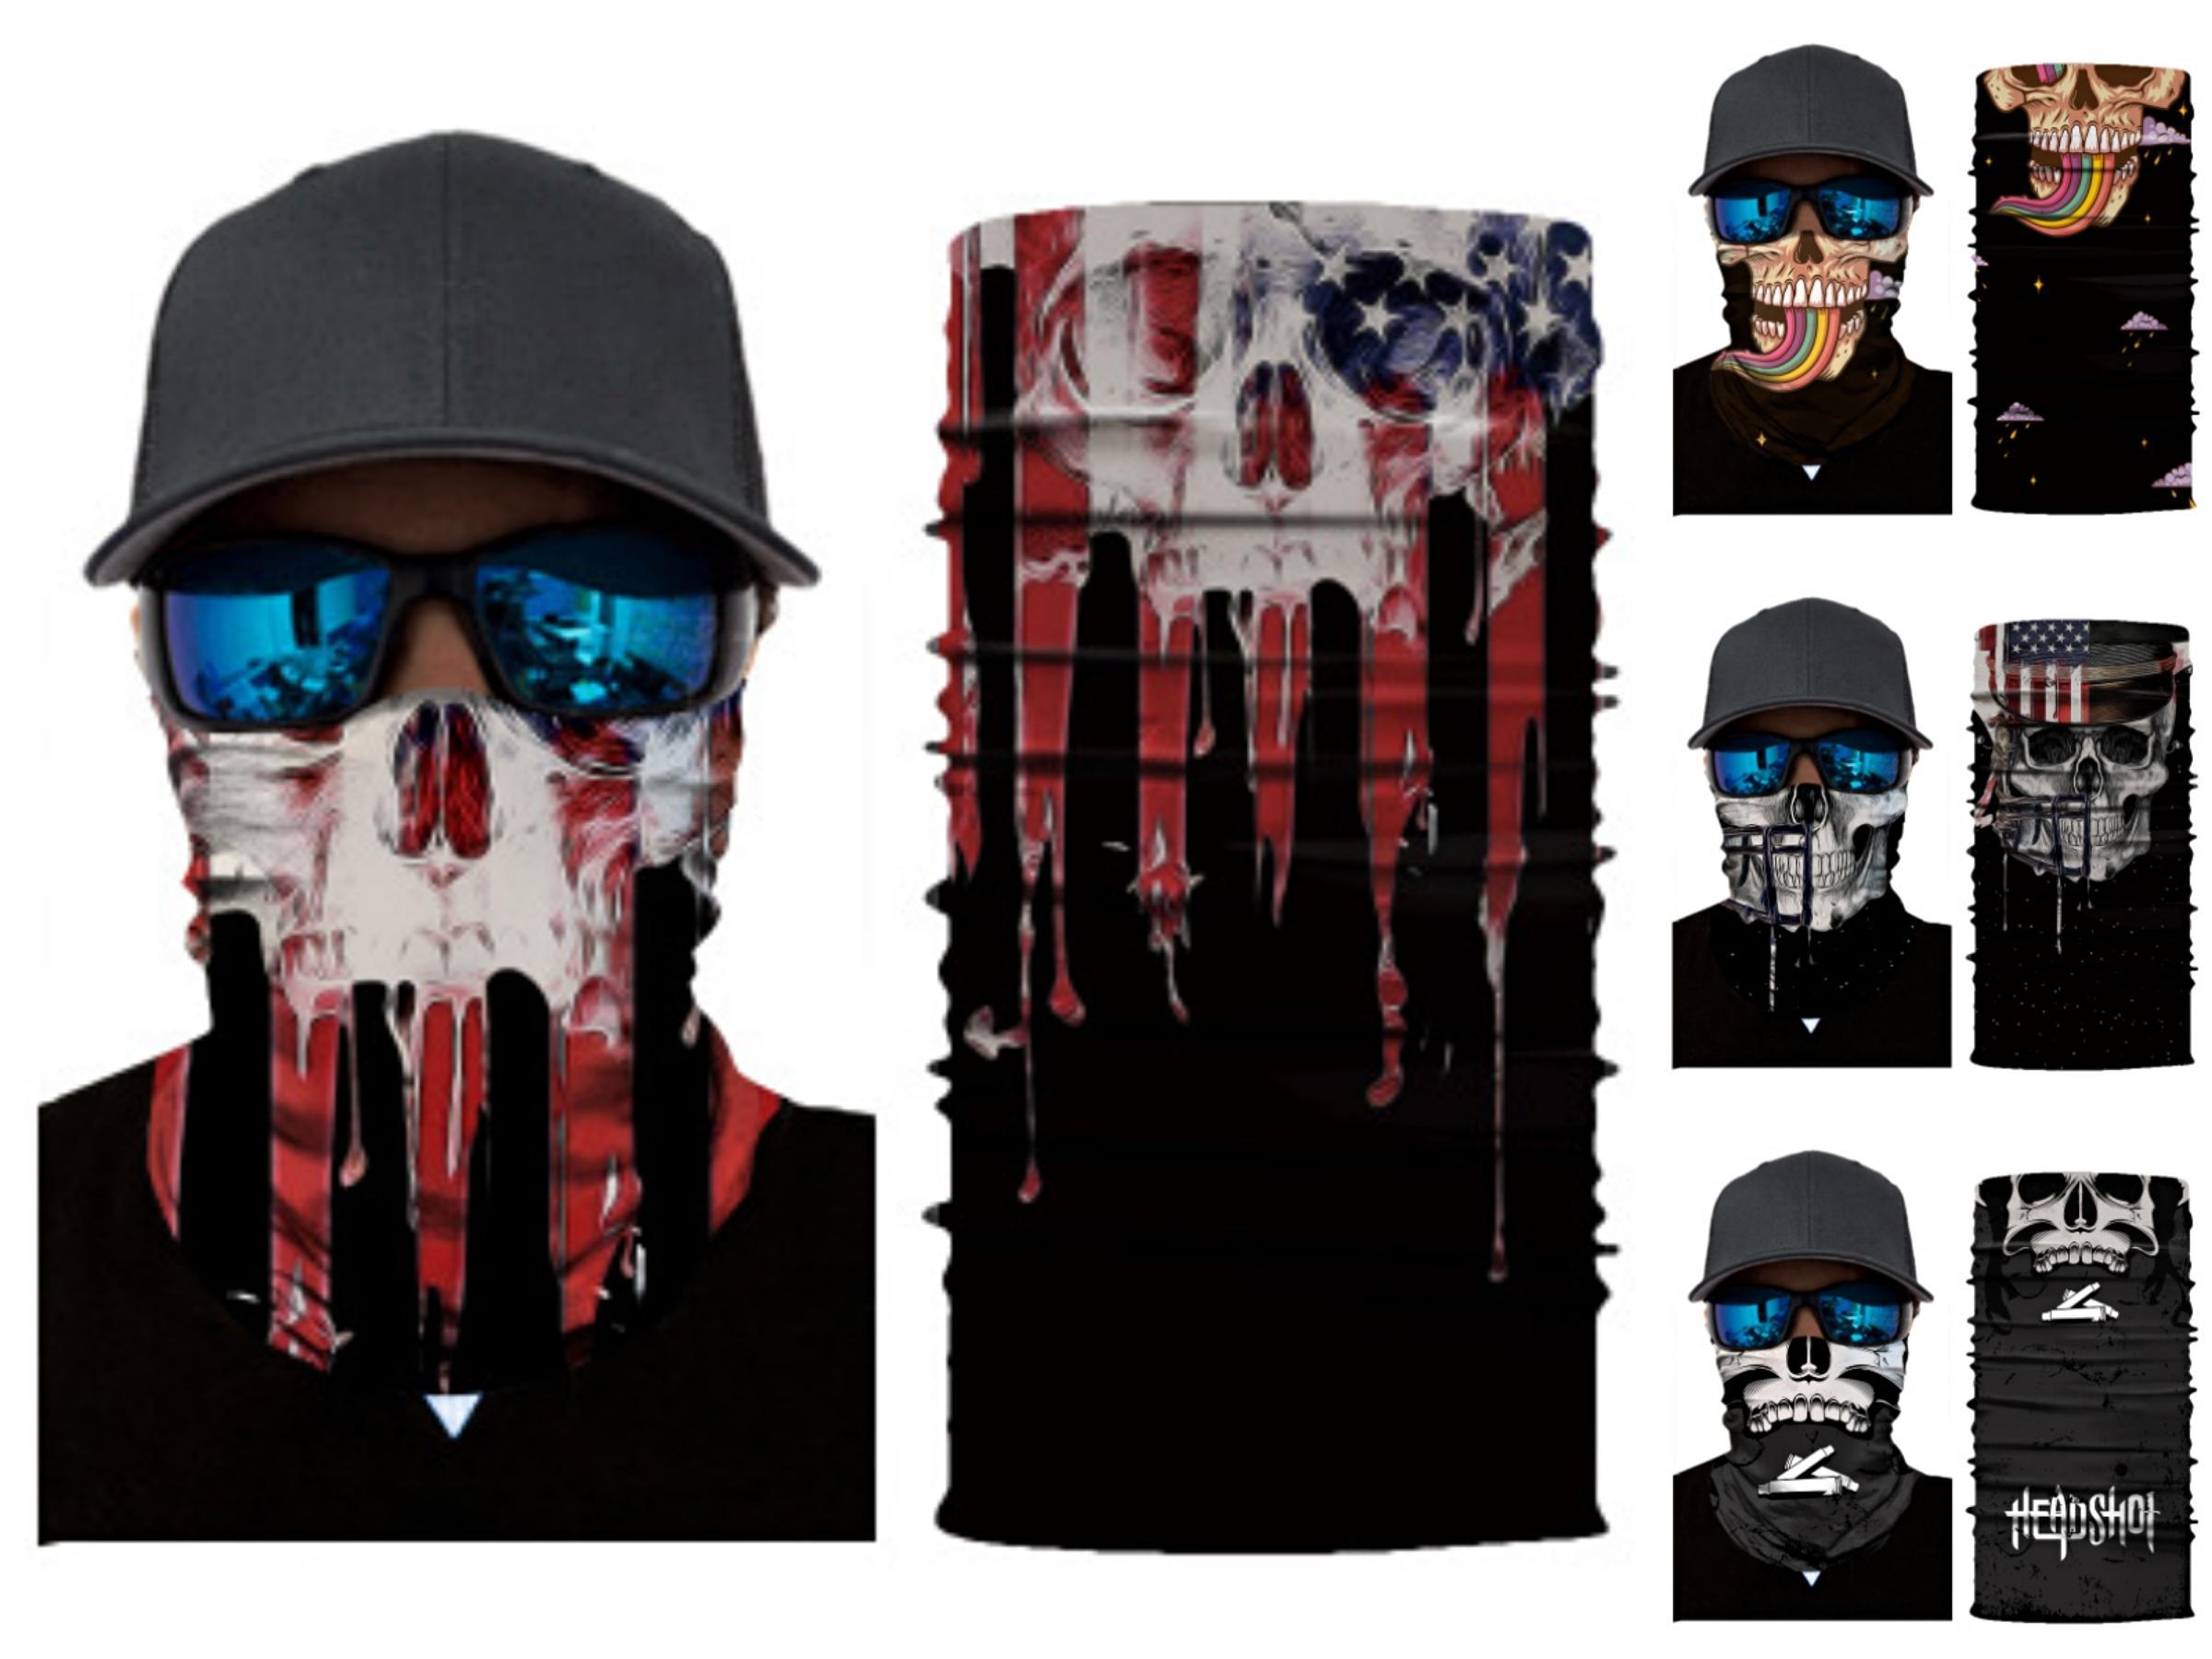 2020 Skull Anello Magico collo Skull Scarf fascia multifunzionale Bandana faccia senza saldatura di tubo Unisex Uomo Donna Unisex Scar # 449 # 786